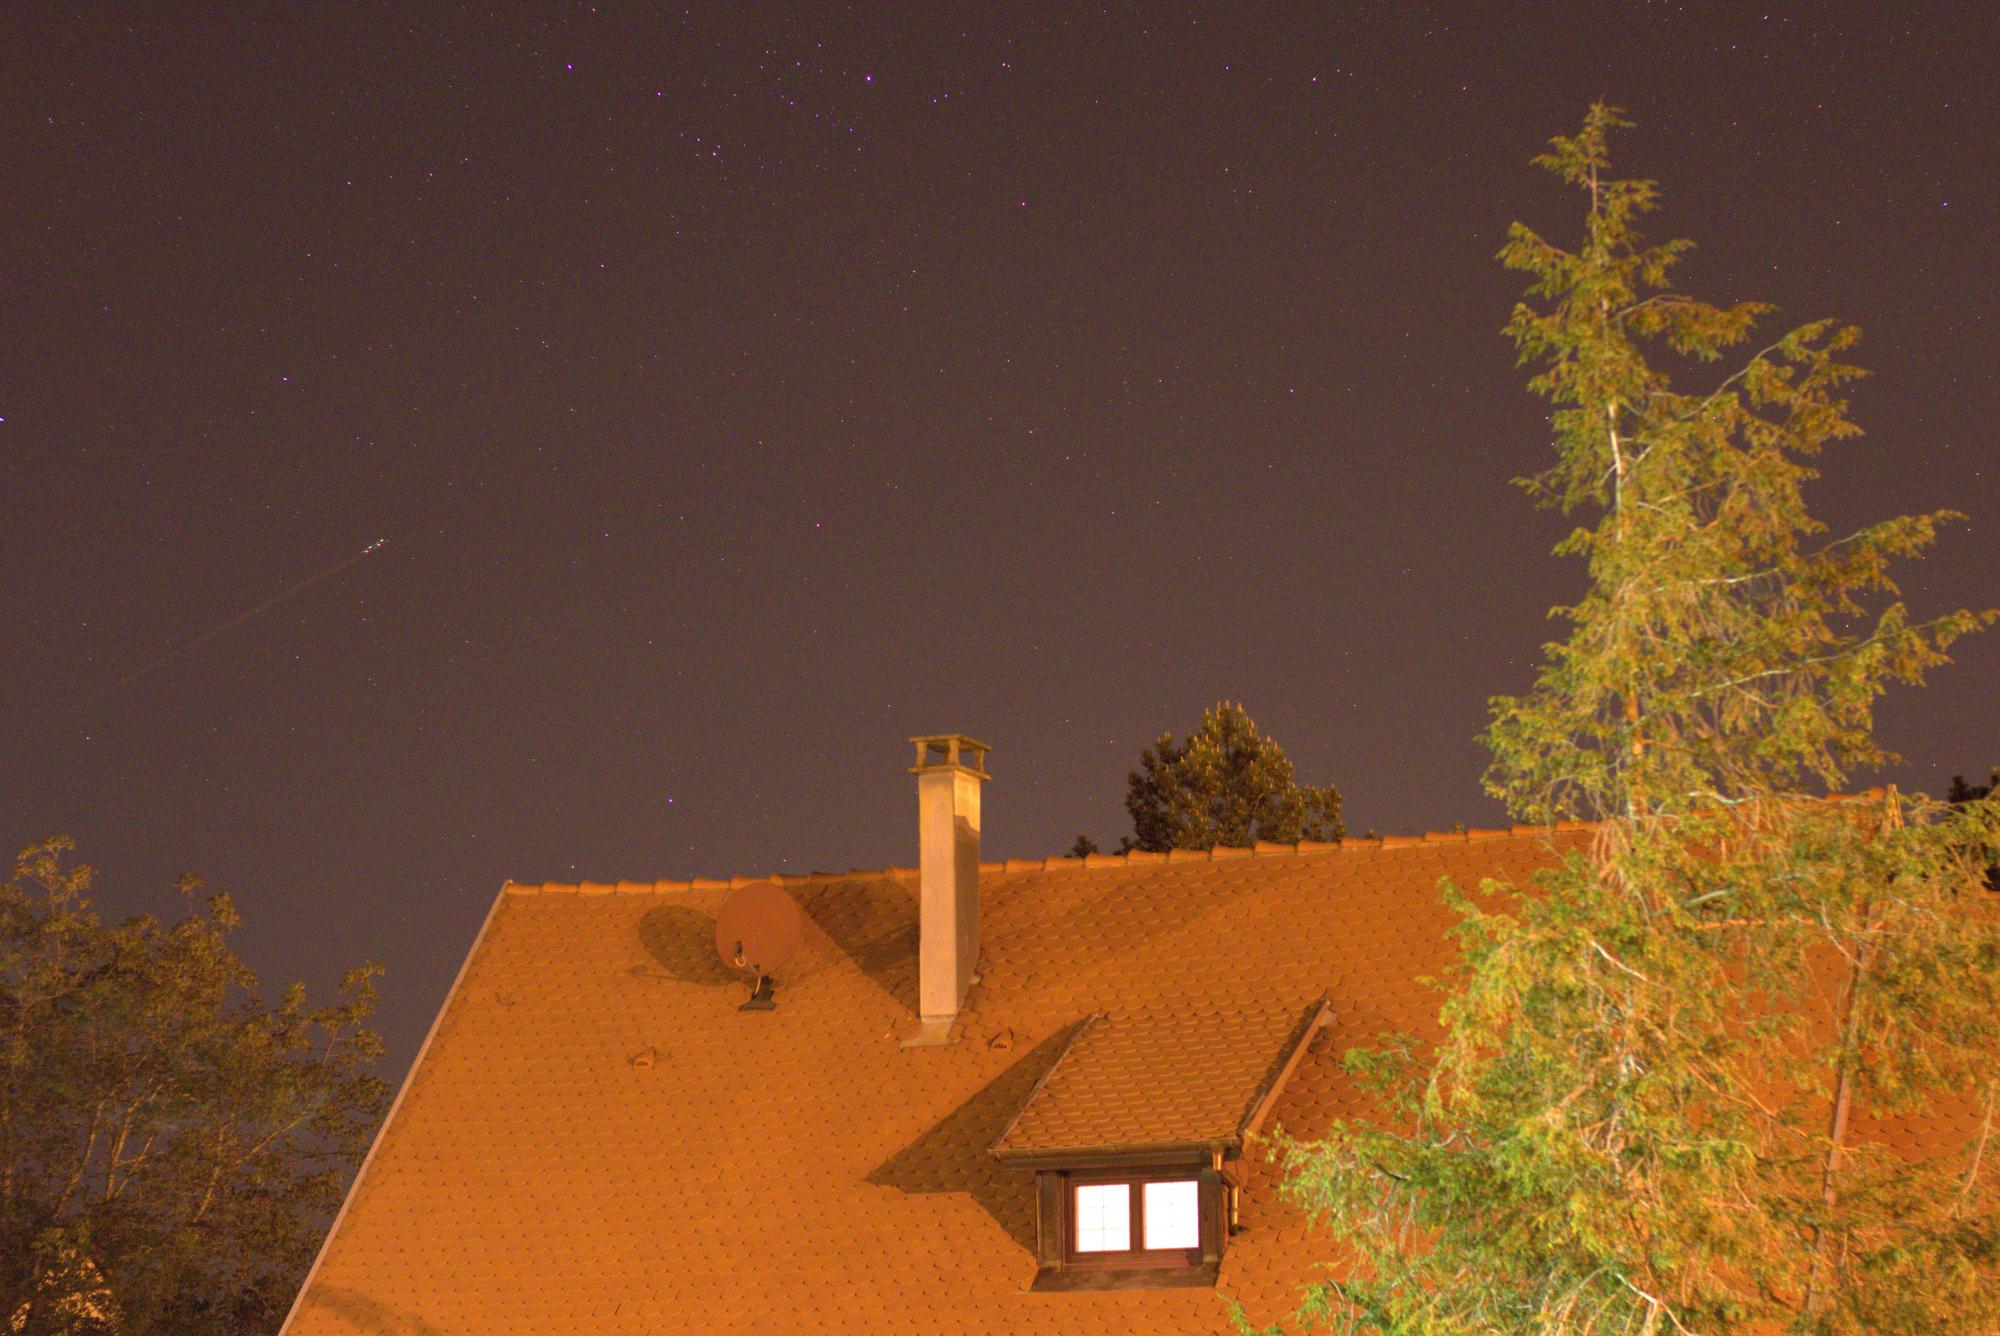 LIGHT_2s_3200iso_f2-8_20200423-23h11m29s603ms.jpg